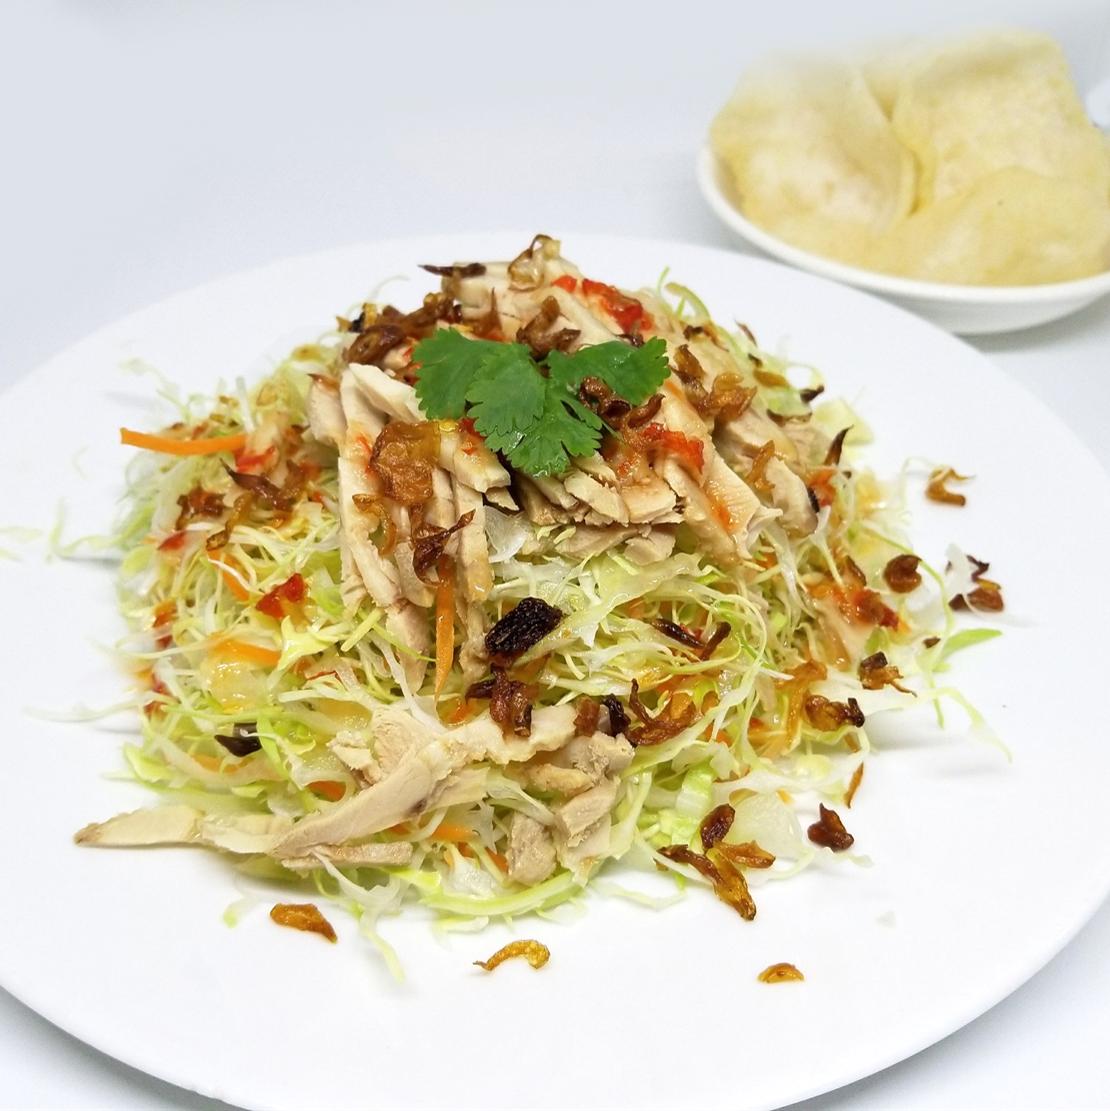 白菜和蒸鸡肉沙拉